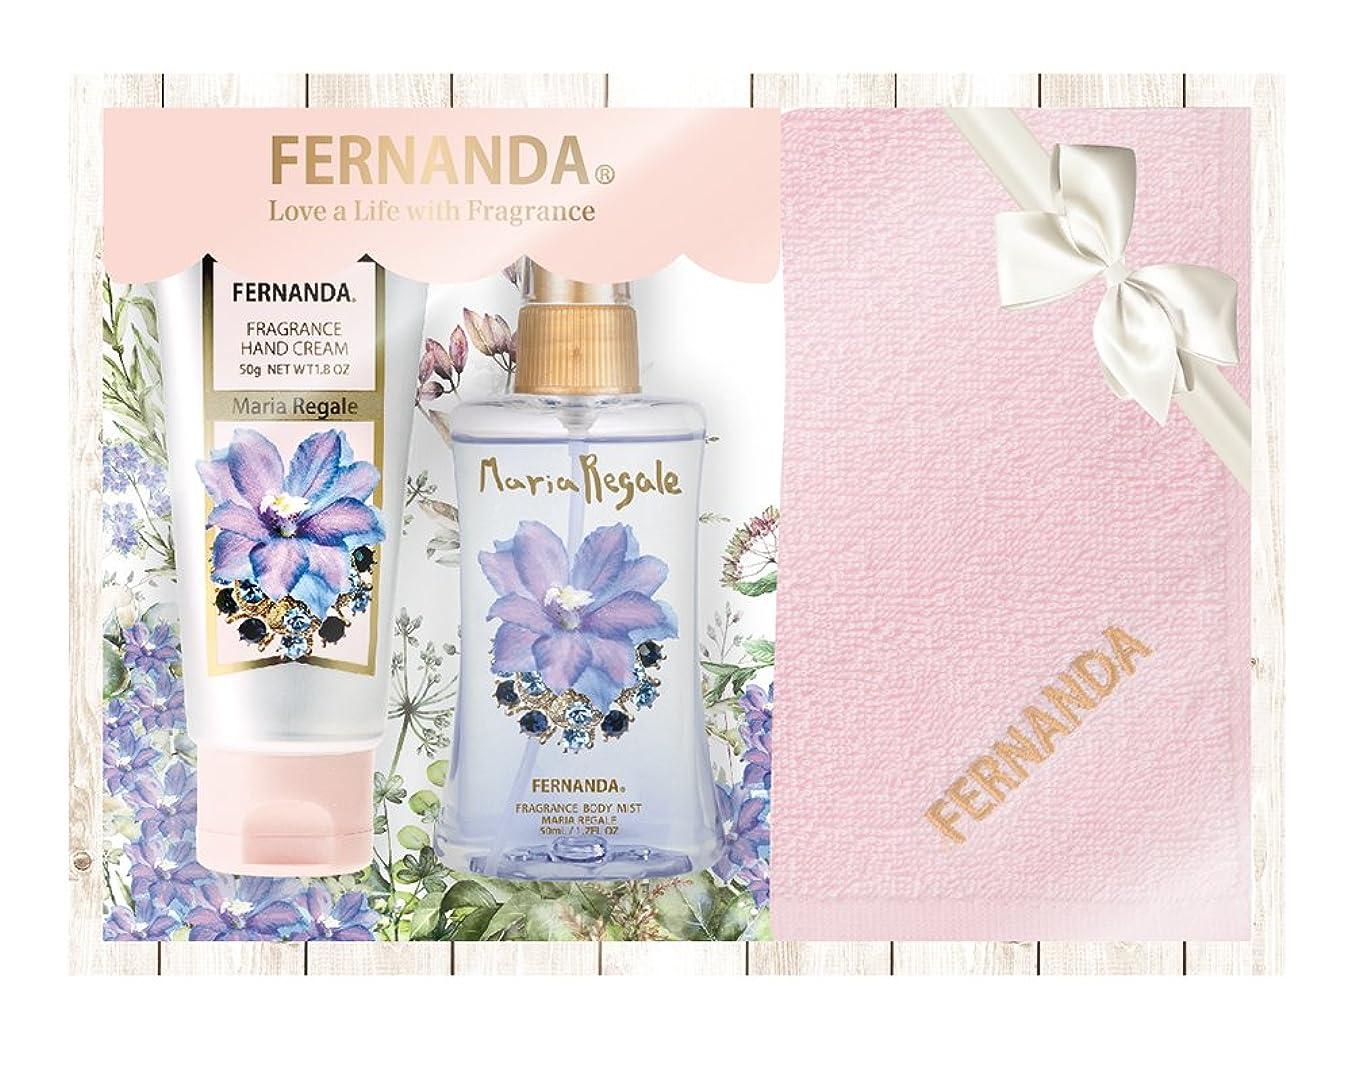 コーチヒョウ米ドルFERNANDA(フェルナンダ)Mini Mist & Hand Cream Special Gift Maria Regale (ミニミスト&ハンドクリームスペシャルギフト マリアリゲル)